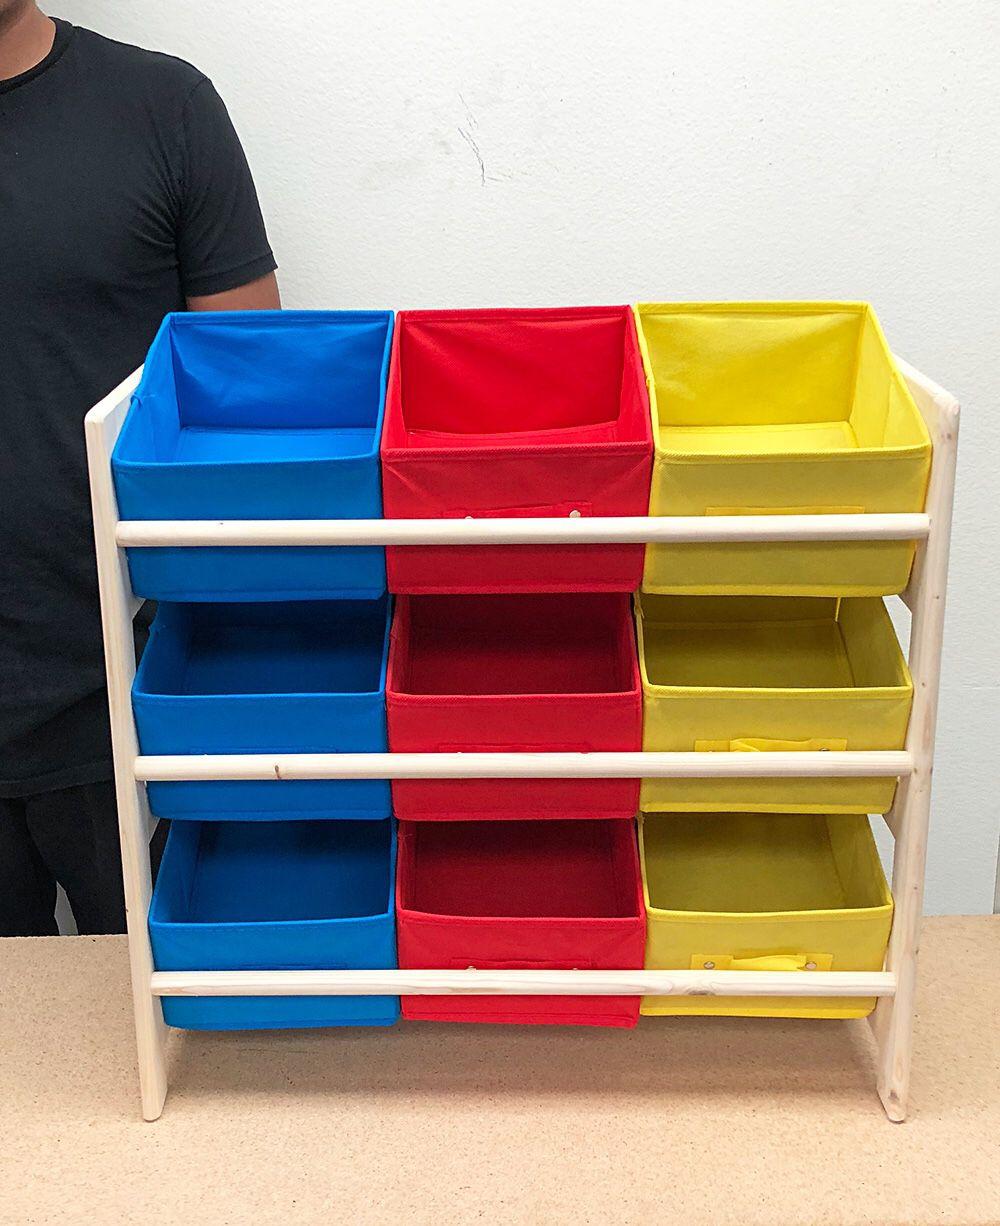 """New $25 Kids Toy Storage Organizer Box Wood Frame Shelf Rack Playroom Bedroom Bookshelf 25""""x11""""x24"""""""